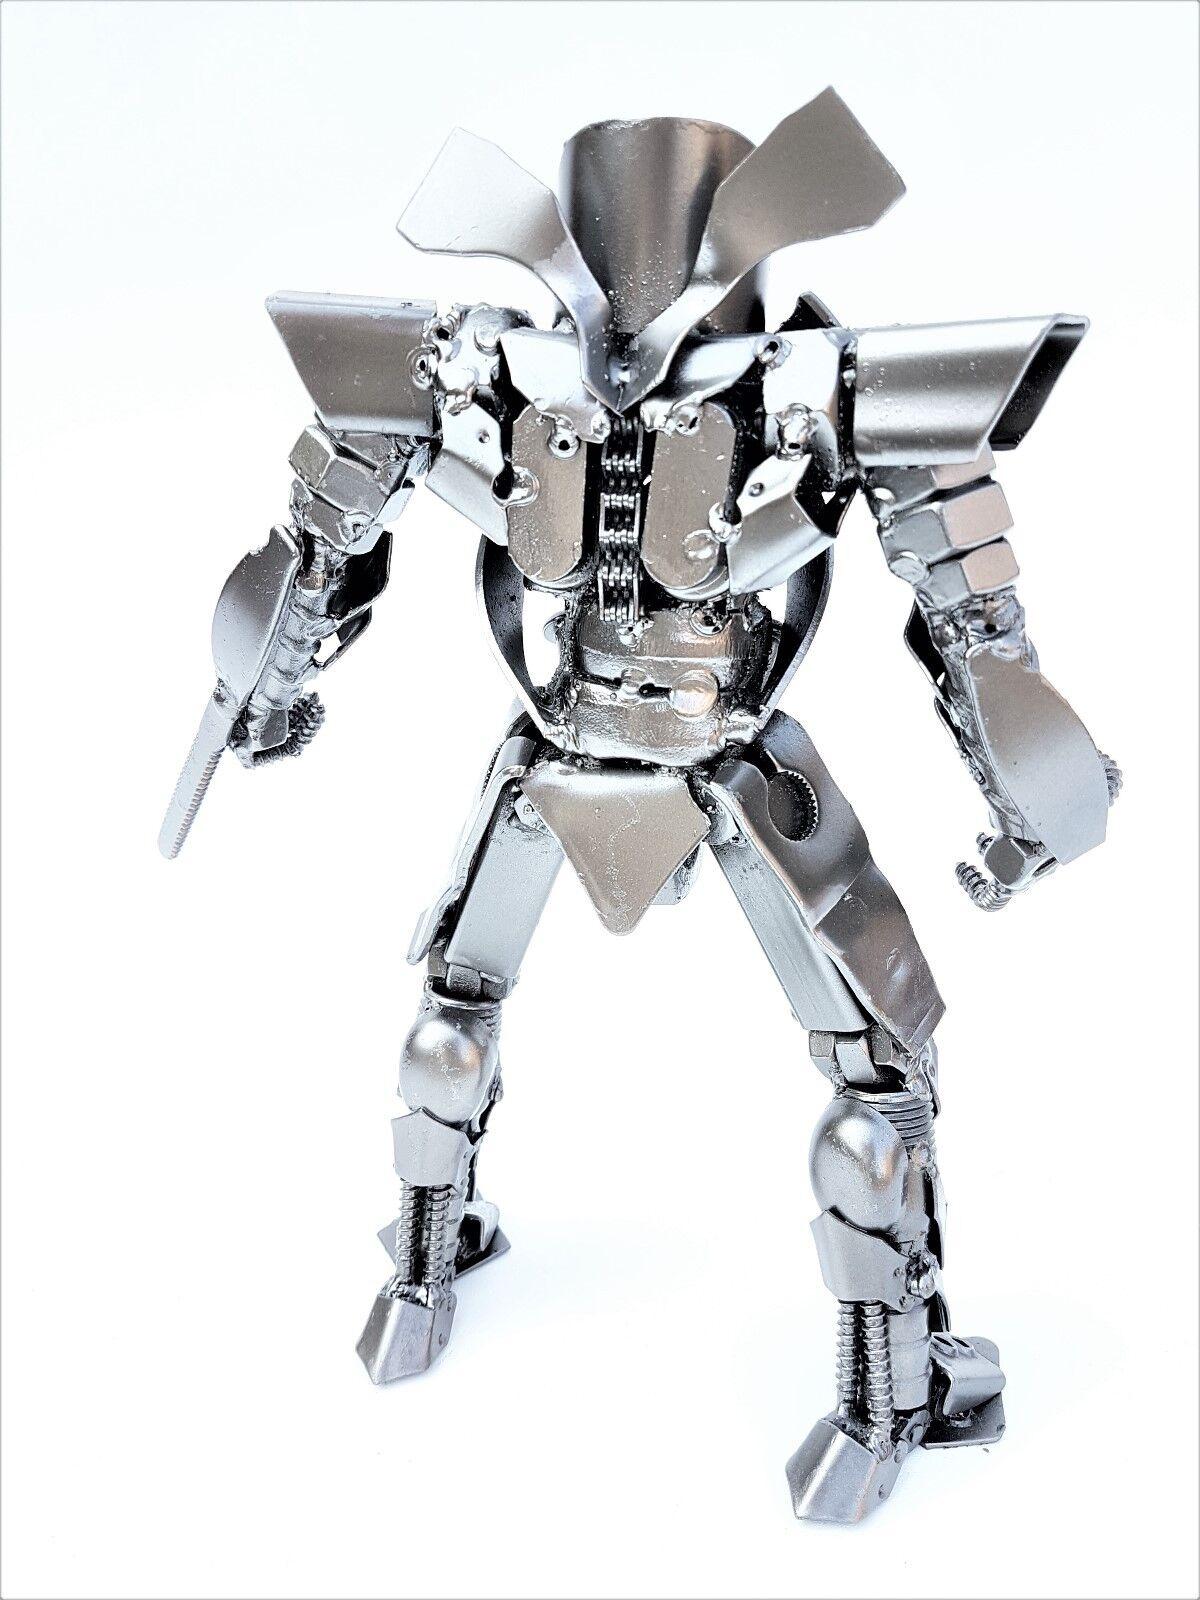 Pacific Rim Gypsy abajo peligro brazo hacia abajo Gypsy figura Modelo Producciones Arte del metal escultura 3c91f2